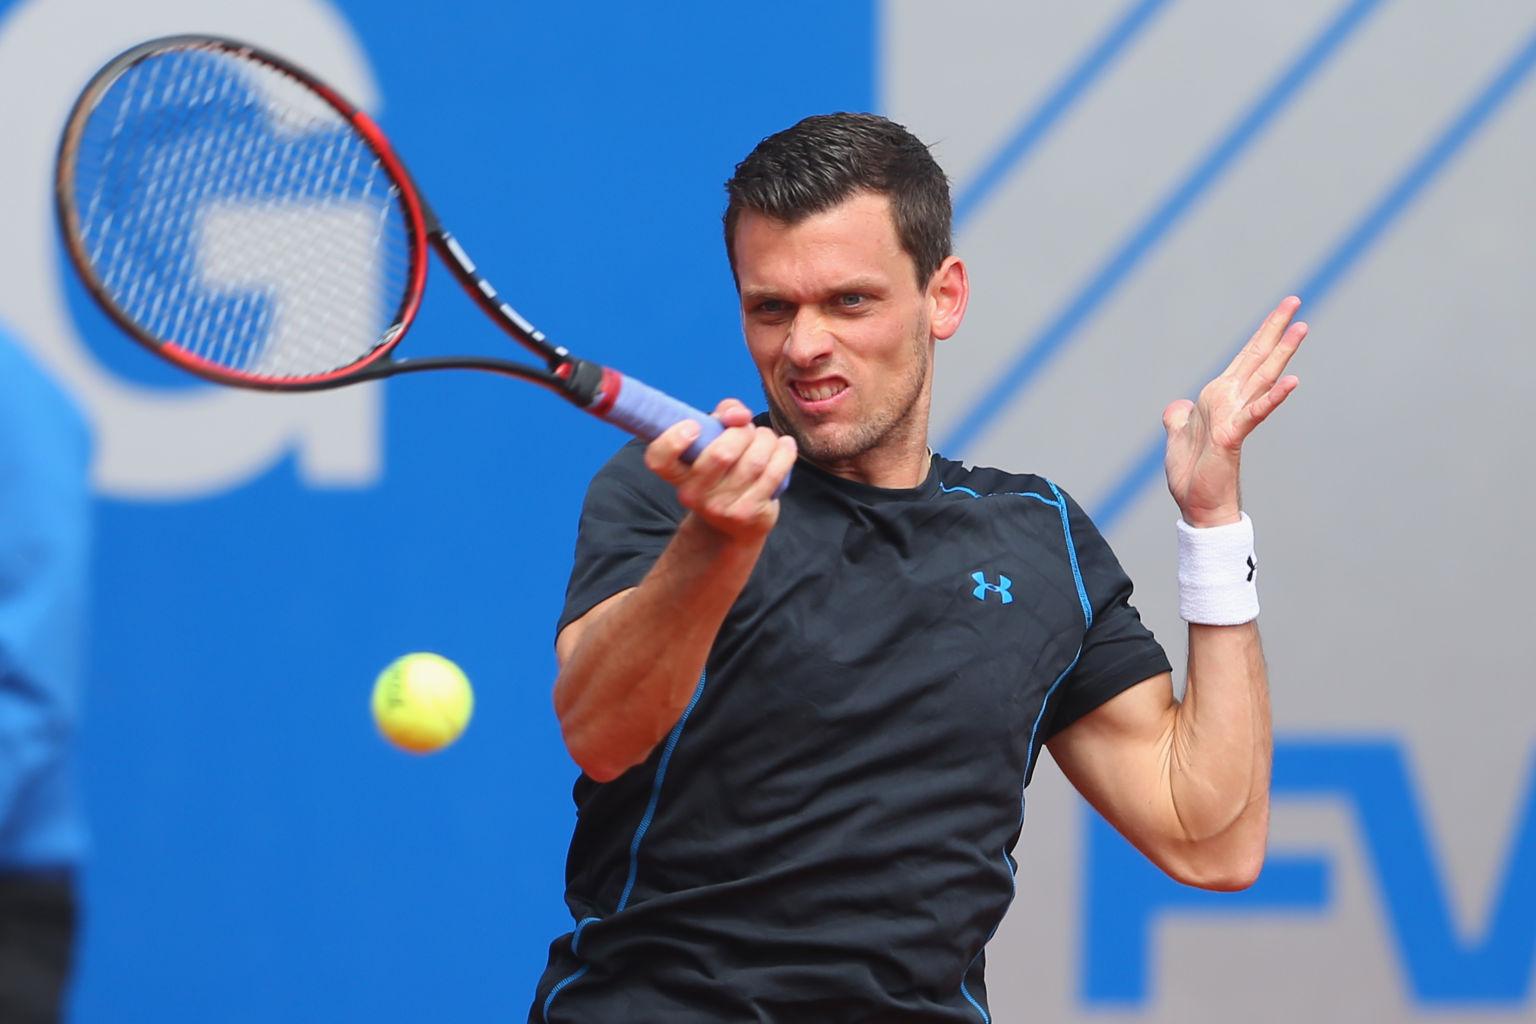 Tobias Kamke steht als dritter deutscher Spiele im Finale der Qualifikation für das dritte Grand Slam-Turnier des Jahres in Wimbledon.